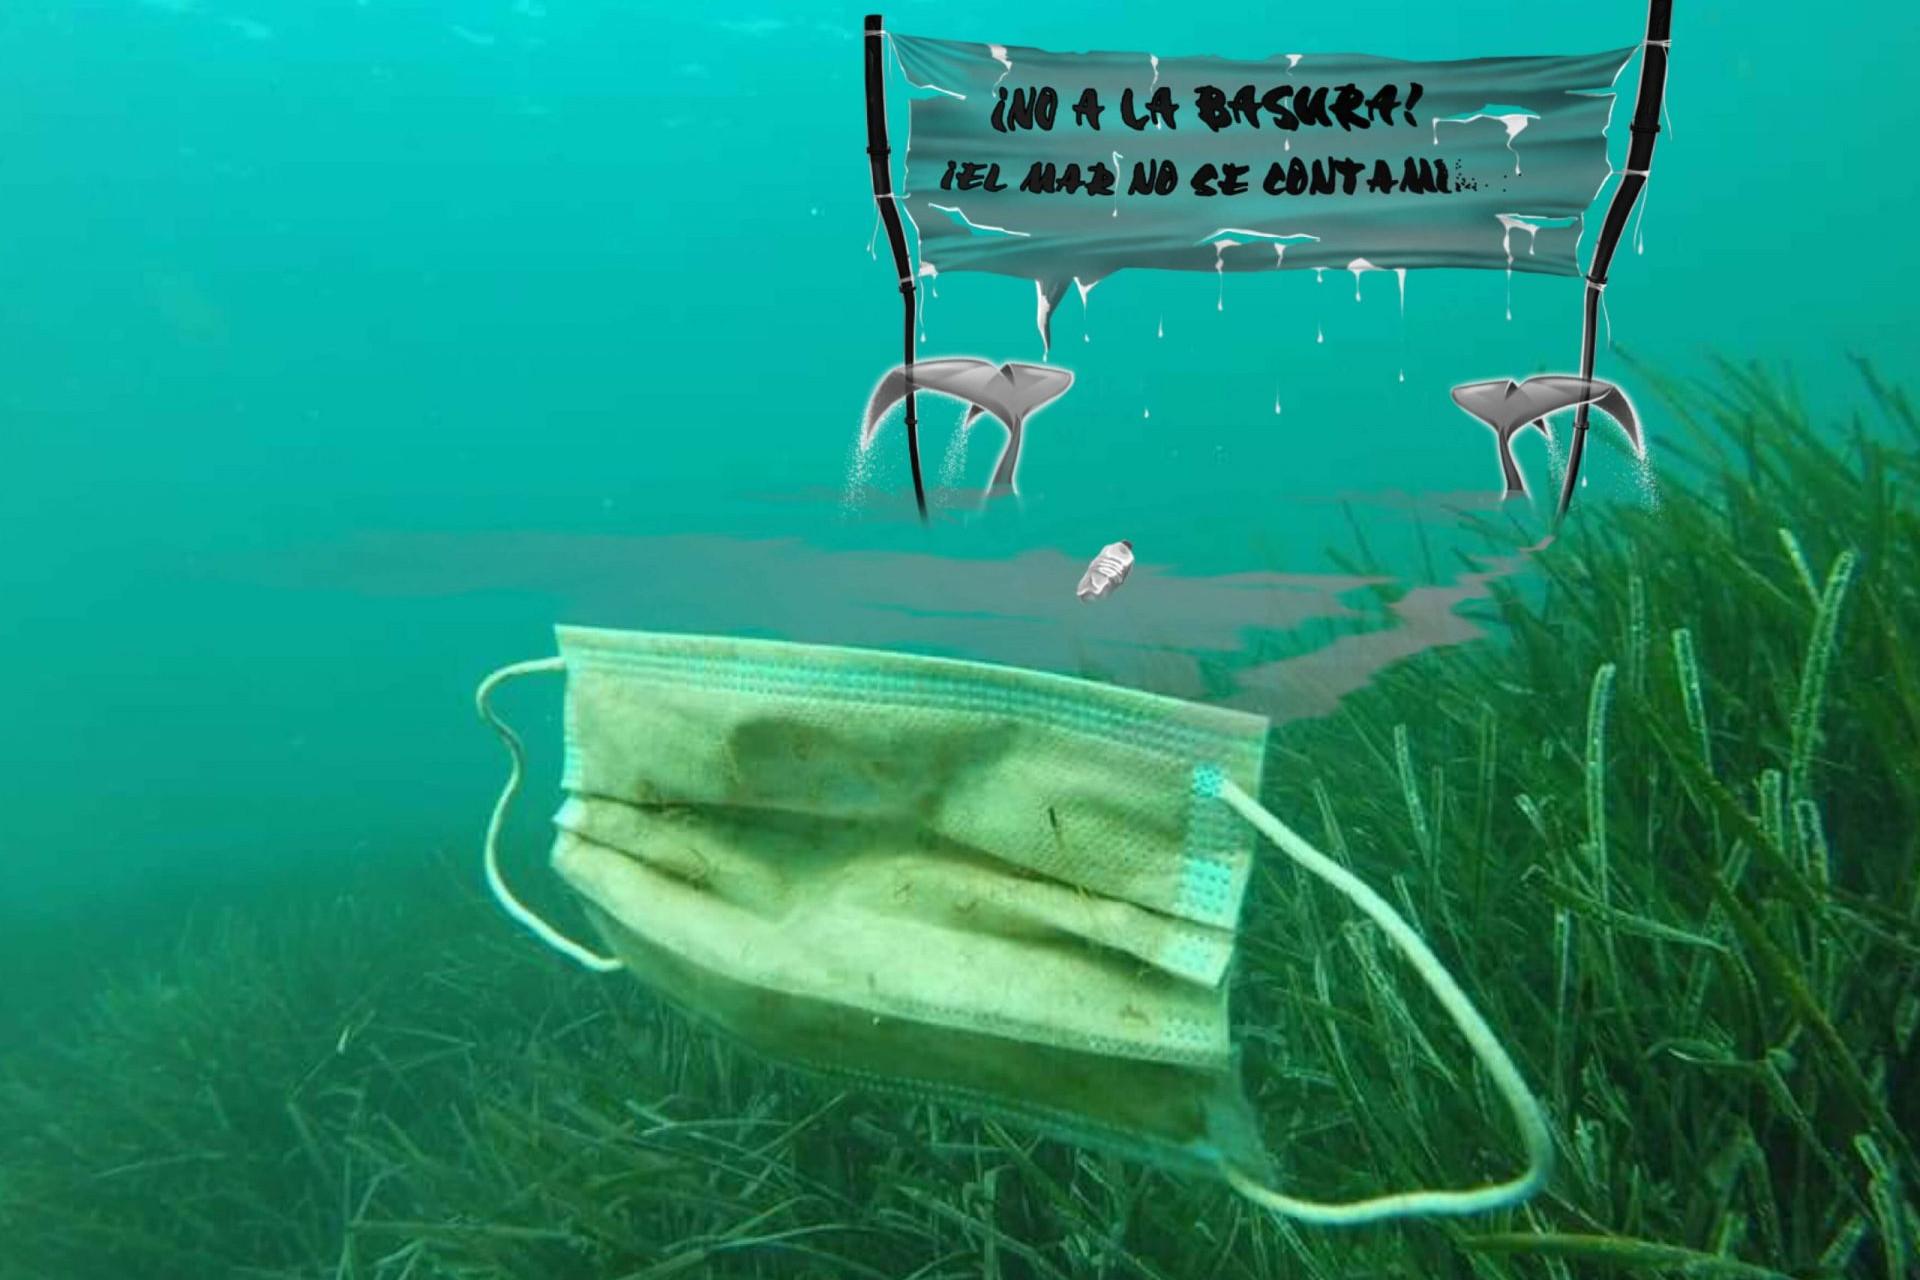 Foto de una mascarilla en el fondo del mar y la pancarta de Si los peces hablaran... ¡No a la basura el mar no se contamina!